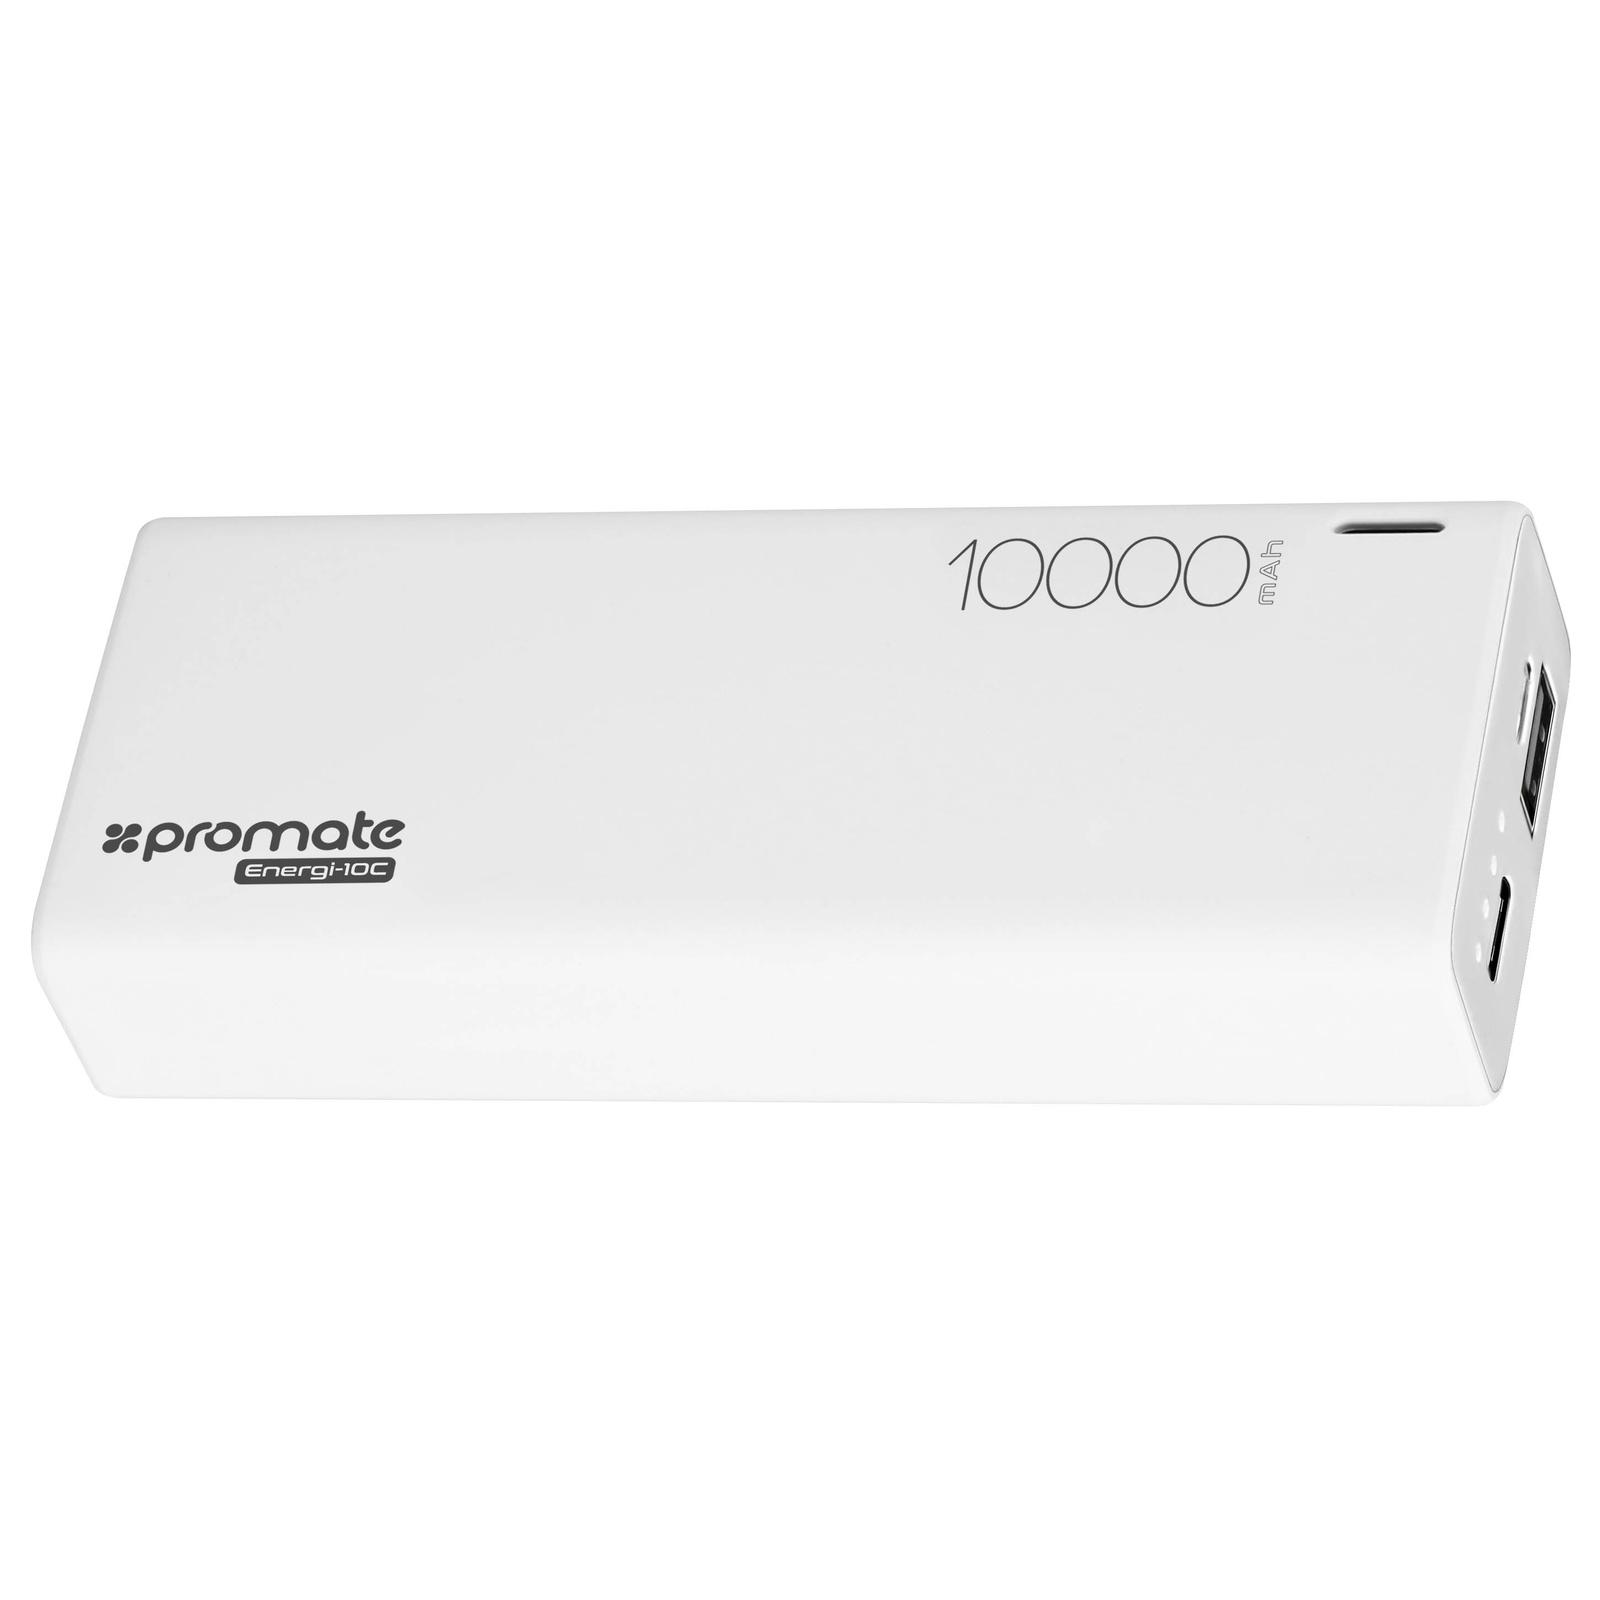 Фото - Внешний аккумулятор Promate Energi-10C White, белый аккумулятор